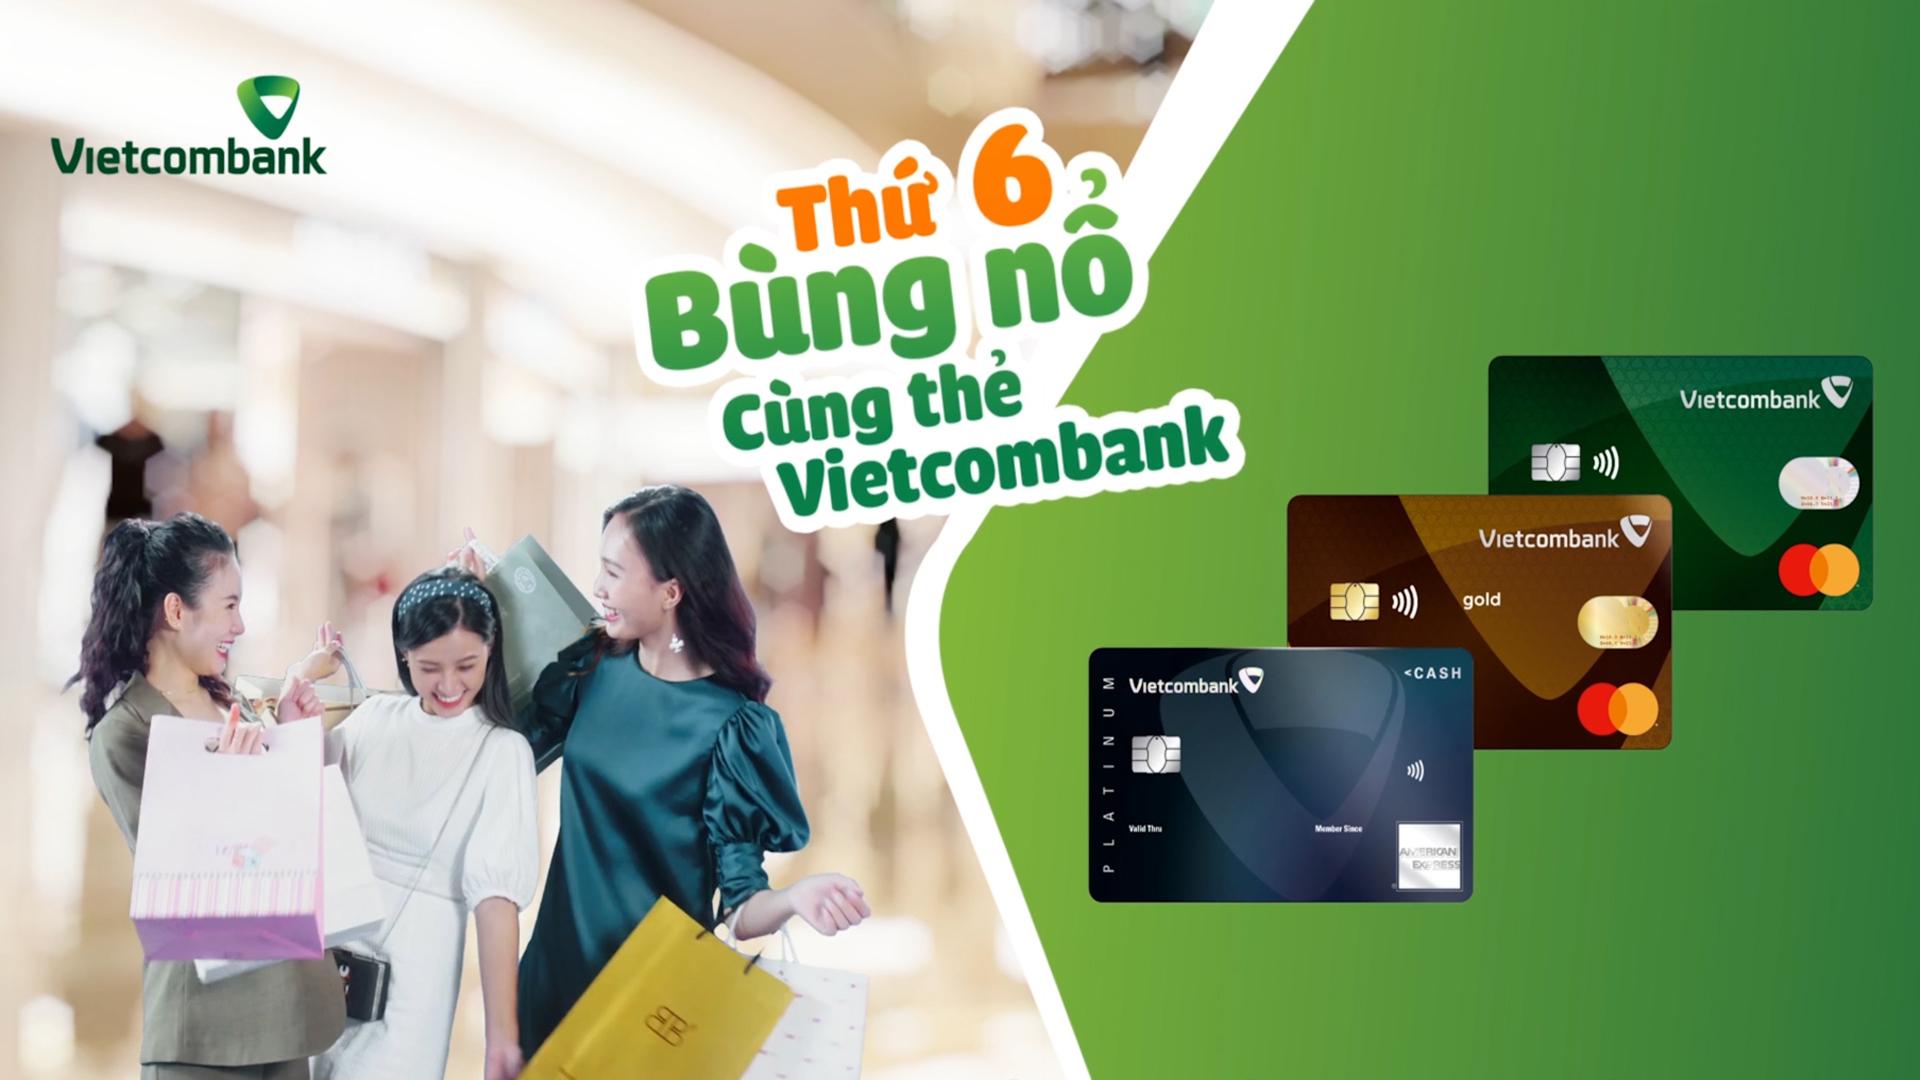 Thứ 6 bùng nổ cùng thẻ Vietcombank